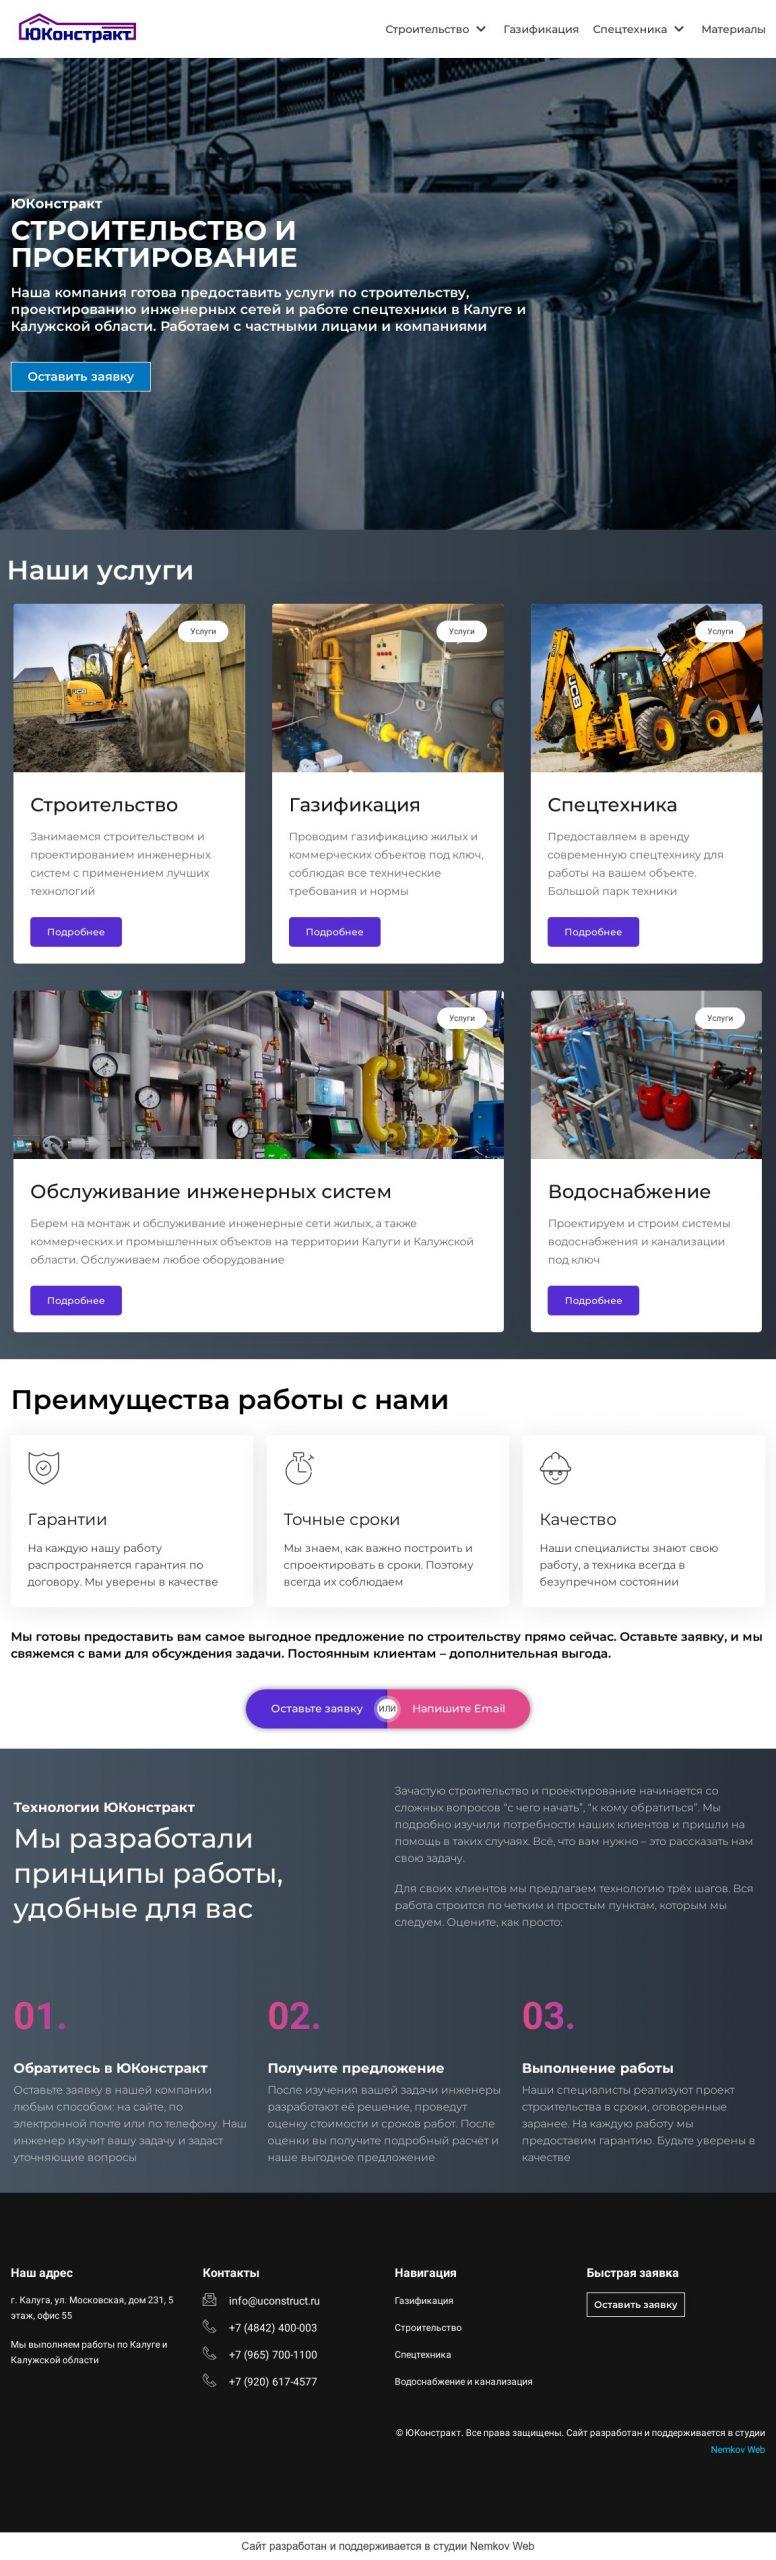 разработка сайта для Юконстракт